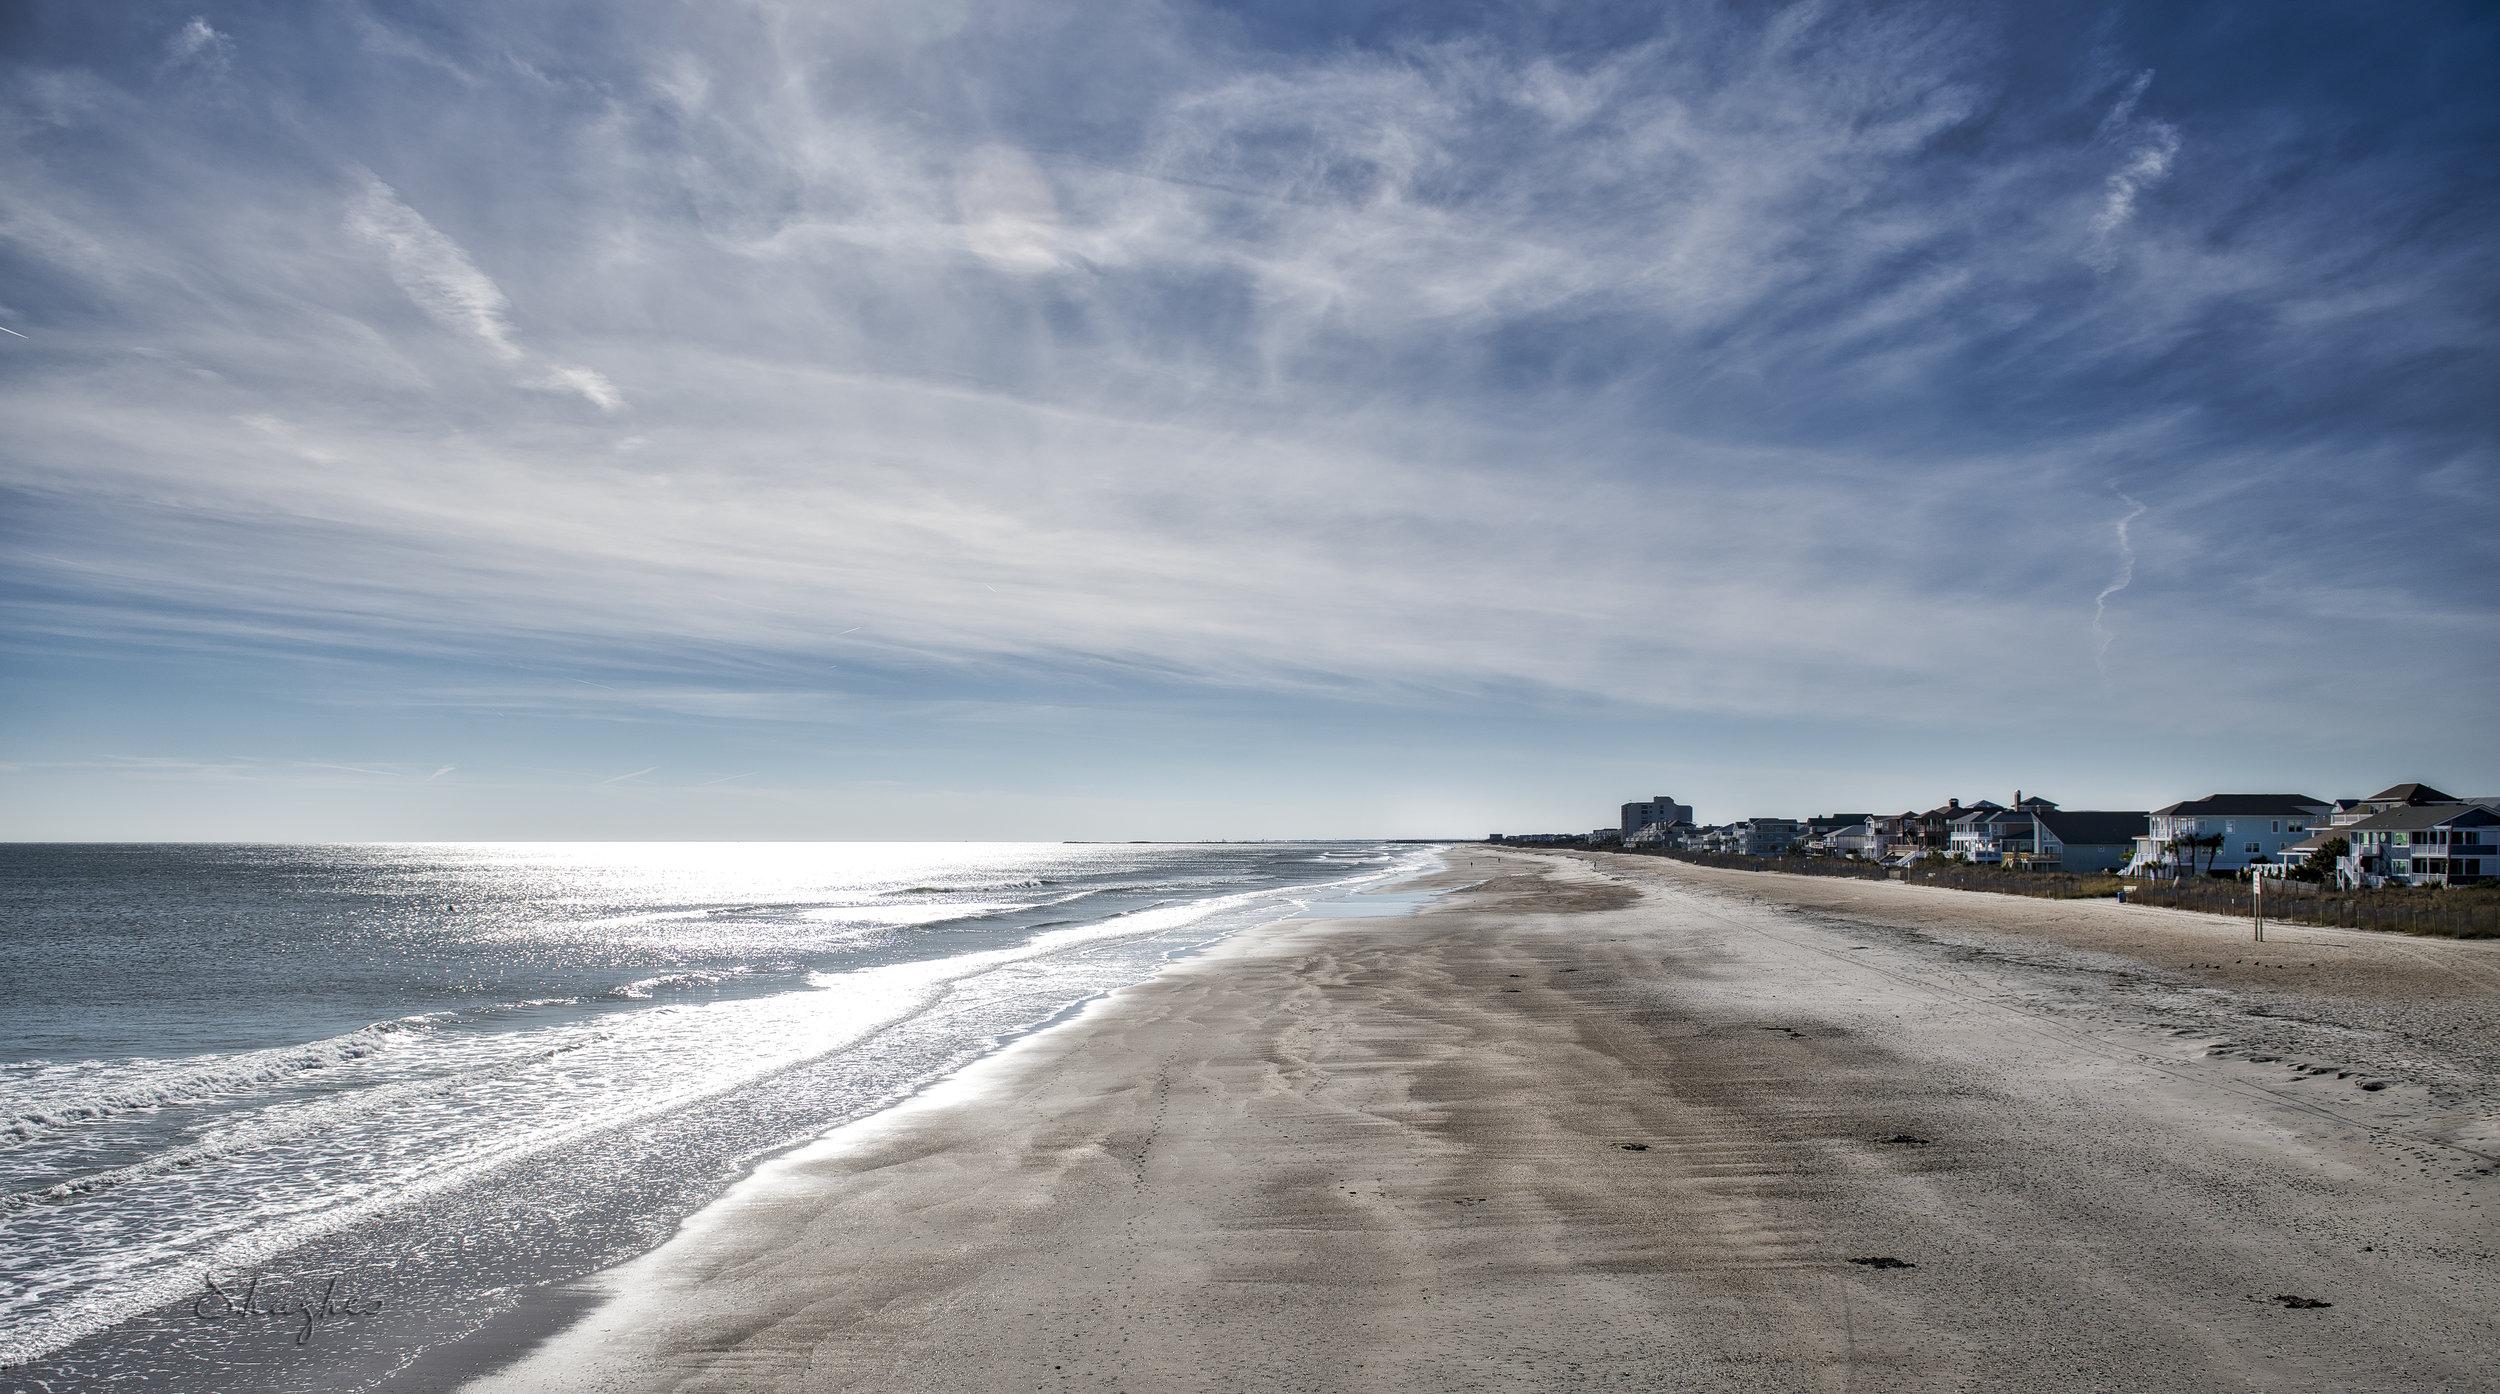 ILM_Winter_ONMercersPier_BeachSOUTH_12152016.jpg